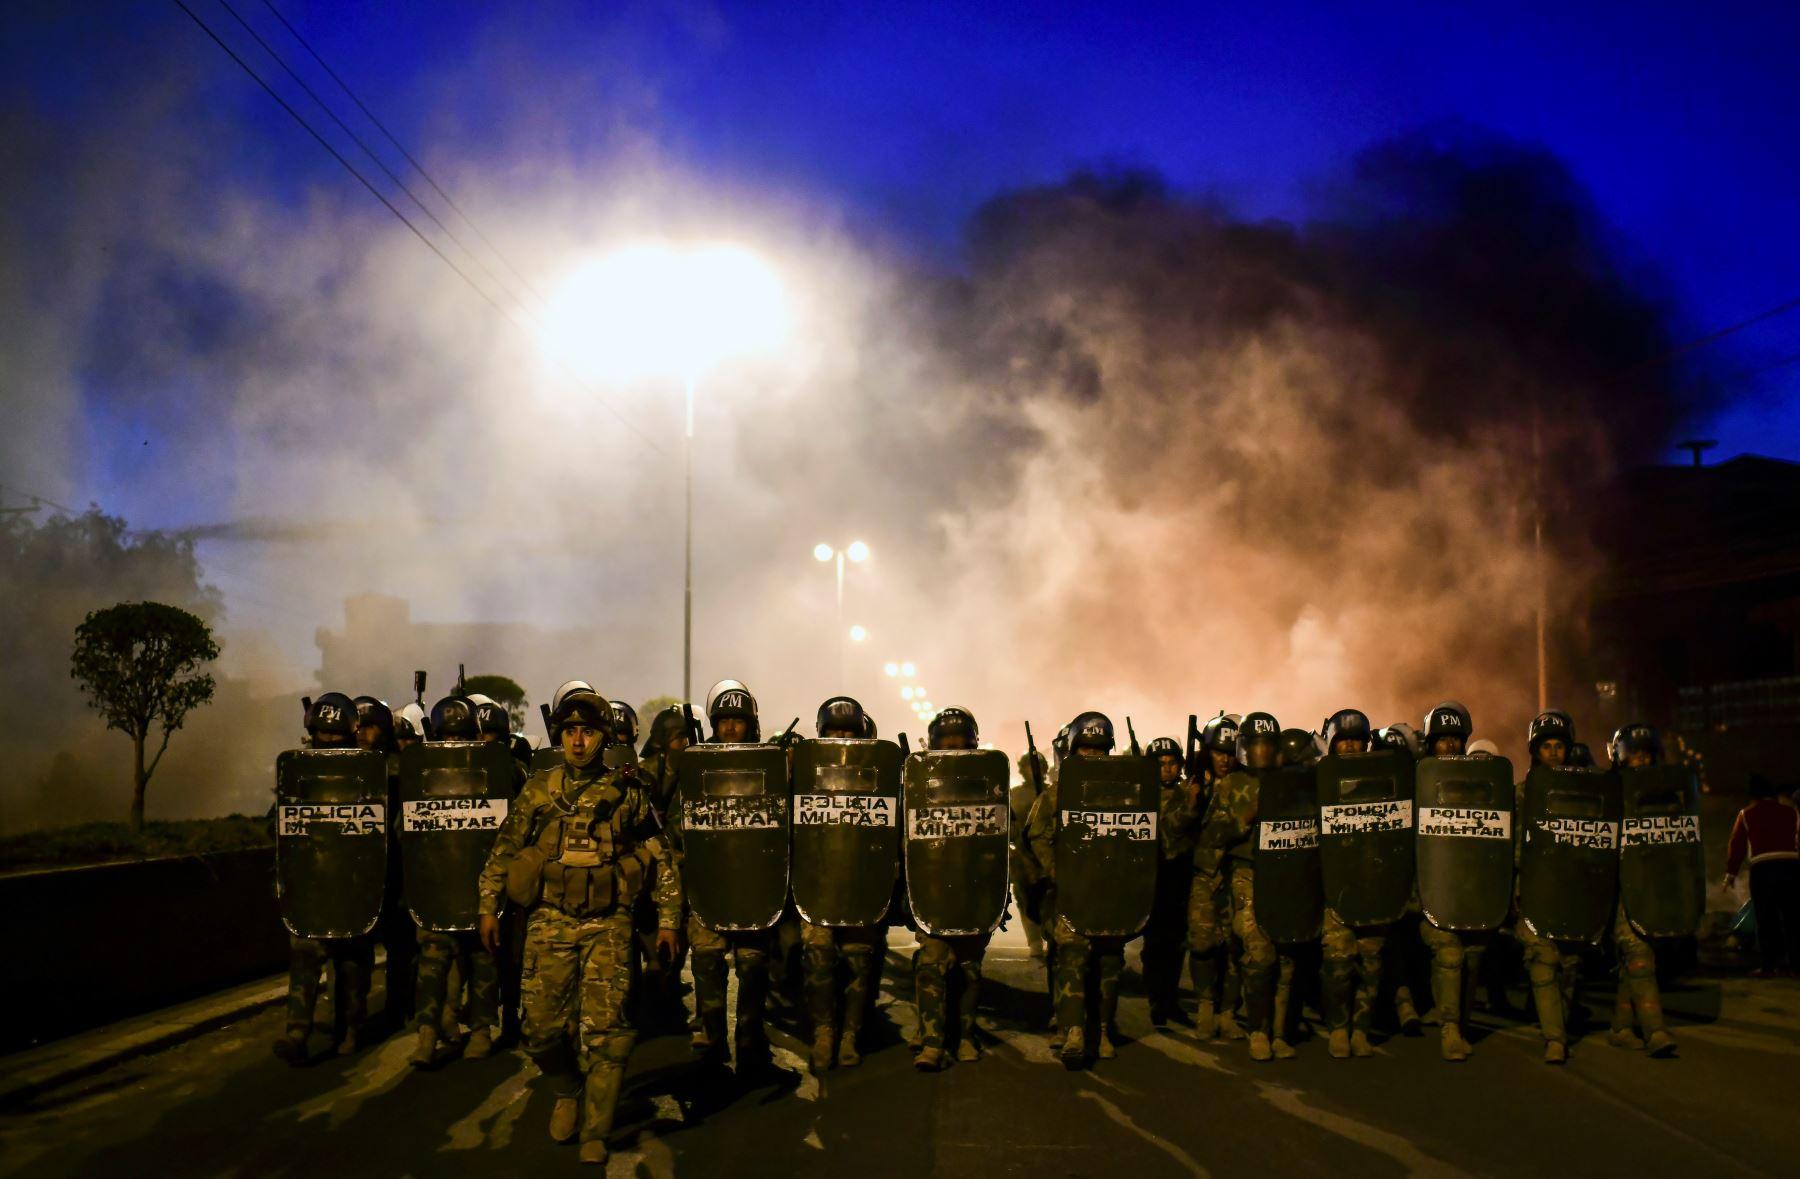 Partidarios del ex presidente boliviano Evo Morales bloquean una carretera en las afueras de Sacaba, provincia de Chapare, Cochabamba. Foto: AFP